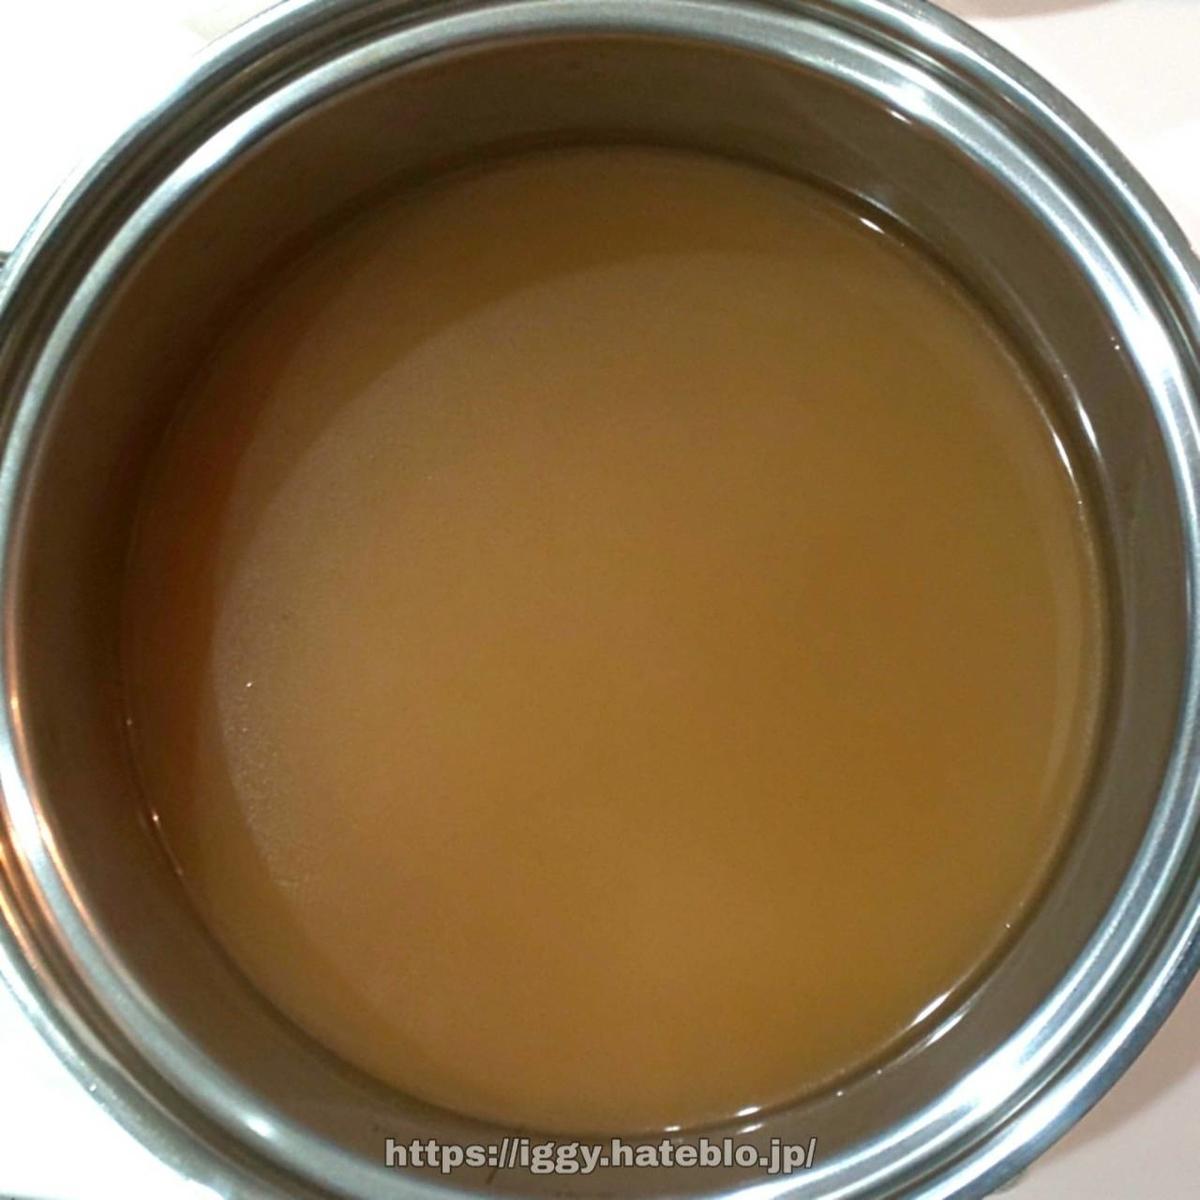 キャベツのうま鍋 つゆ iggy2019